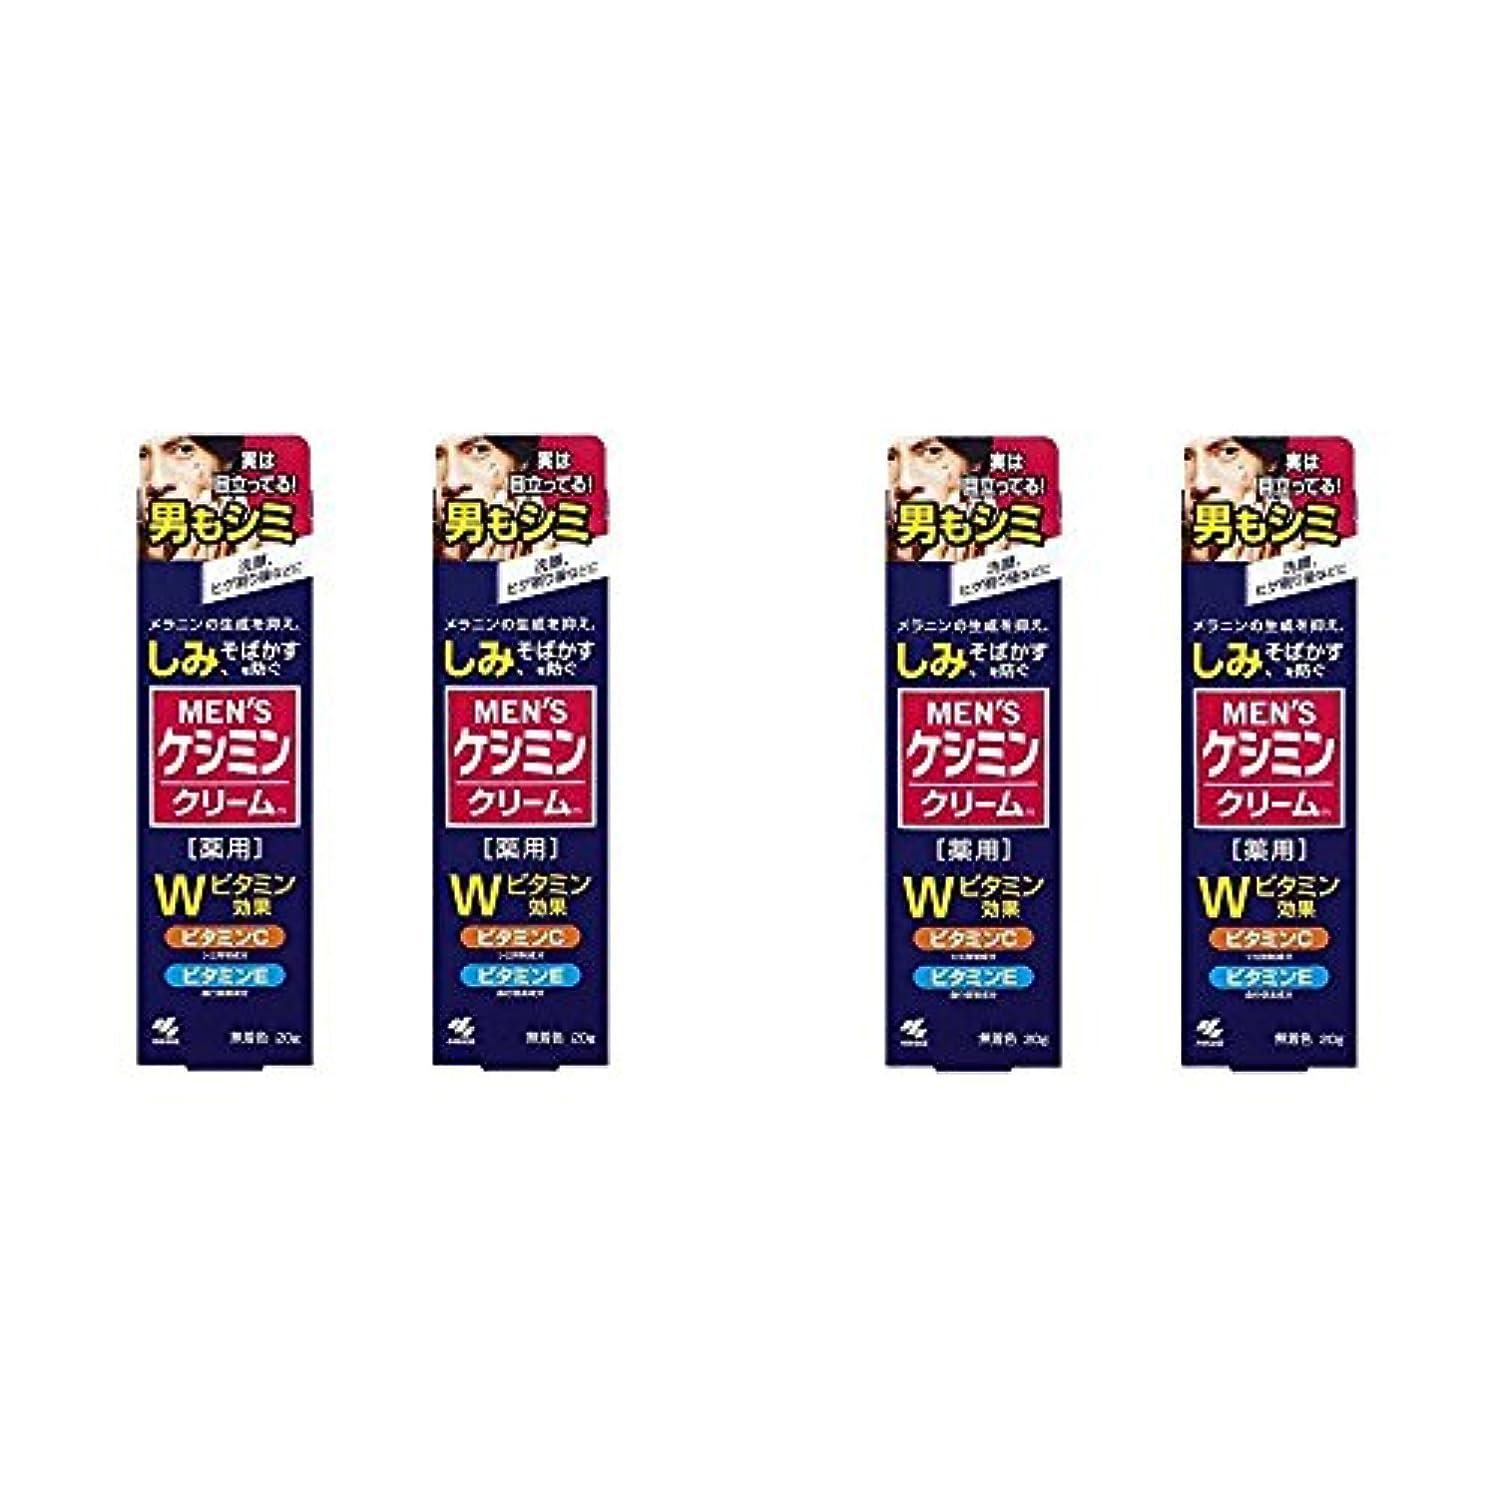 形成セメント好み【セット品】メンズケシミンクリーム 男のシミ対策 20g (4個)